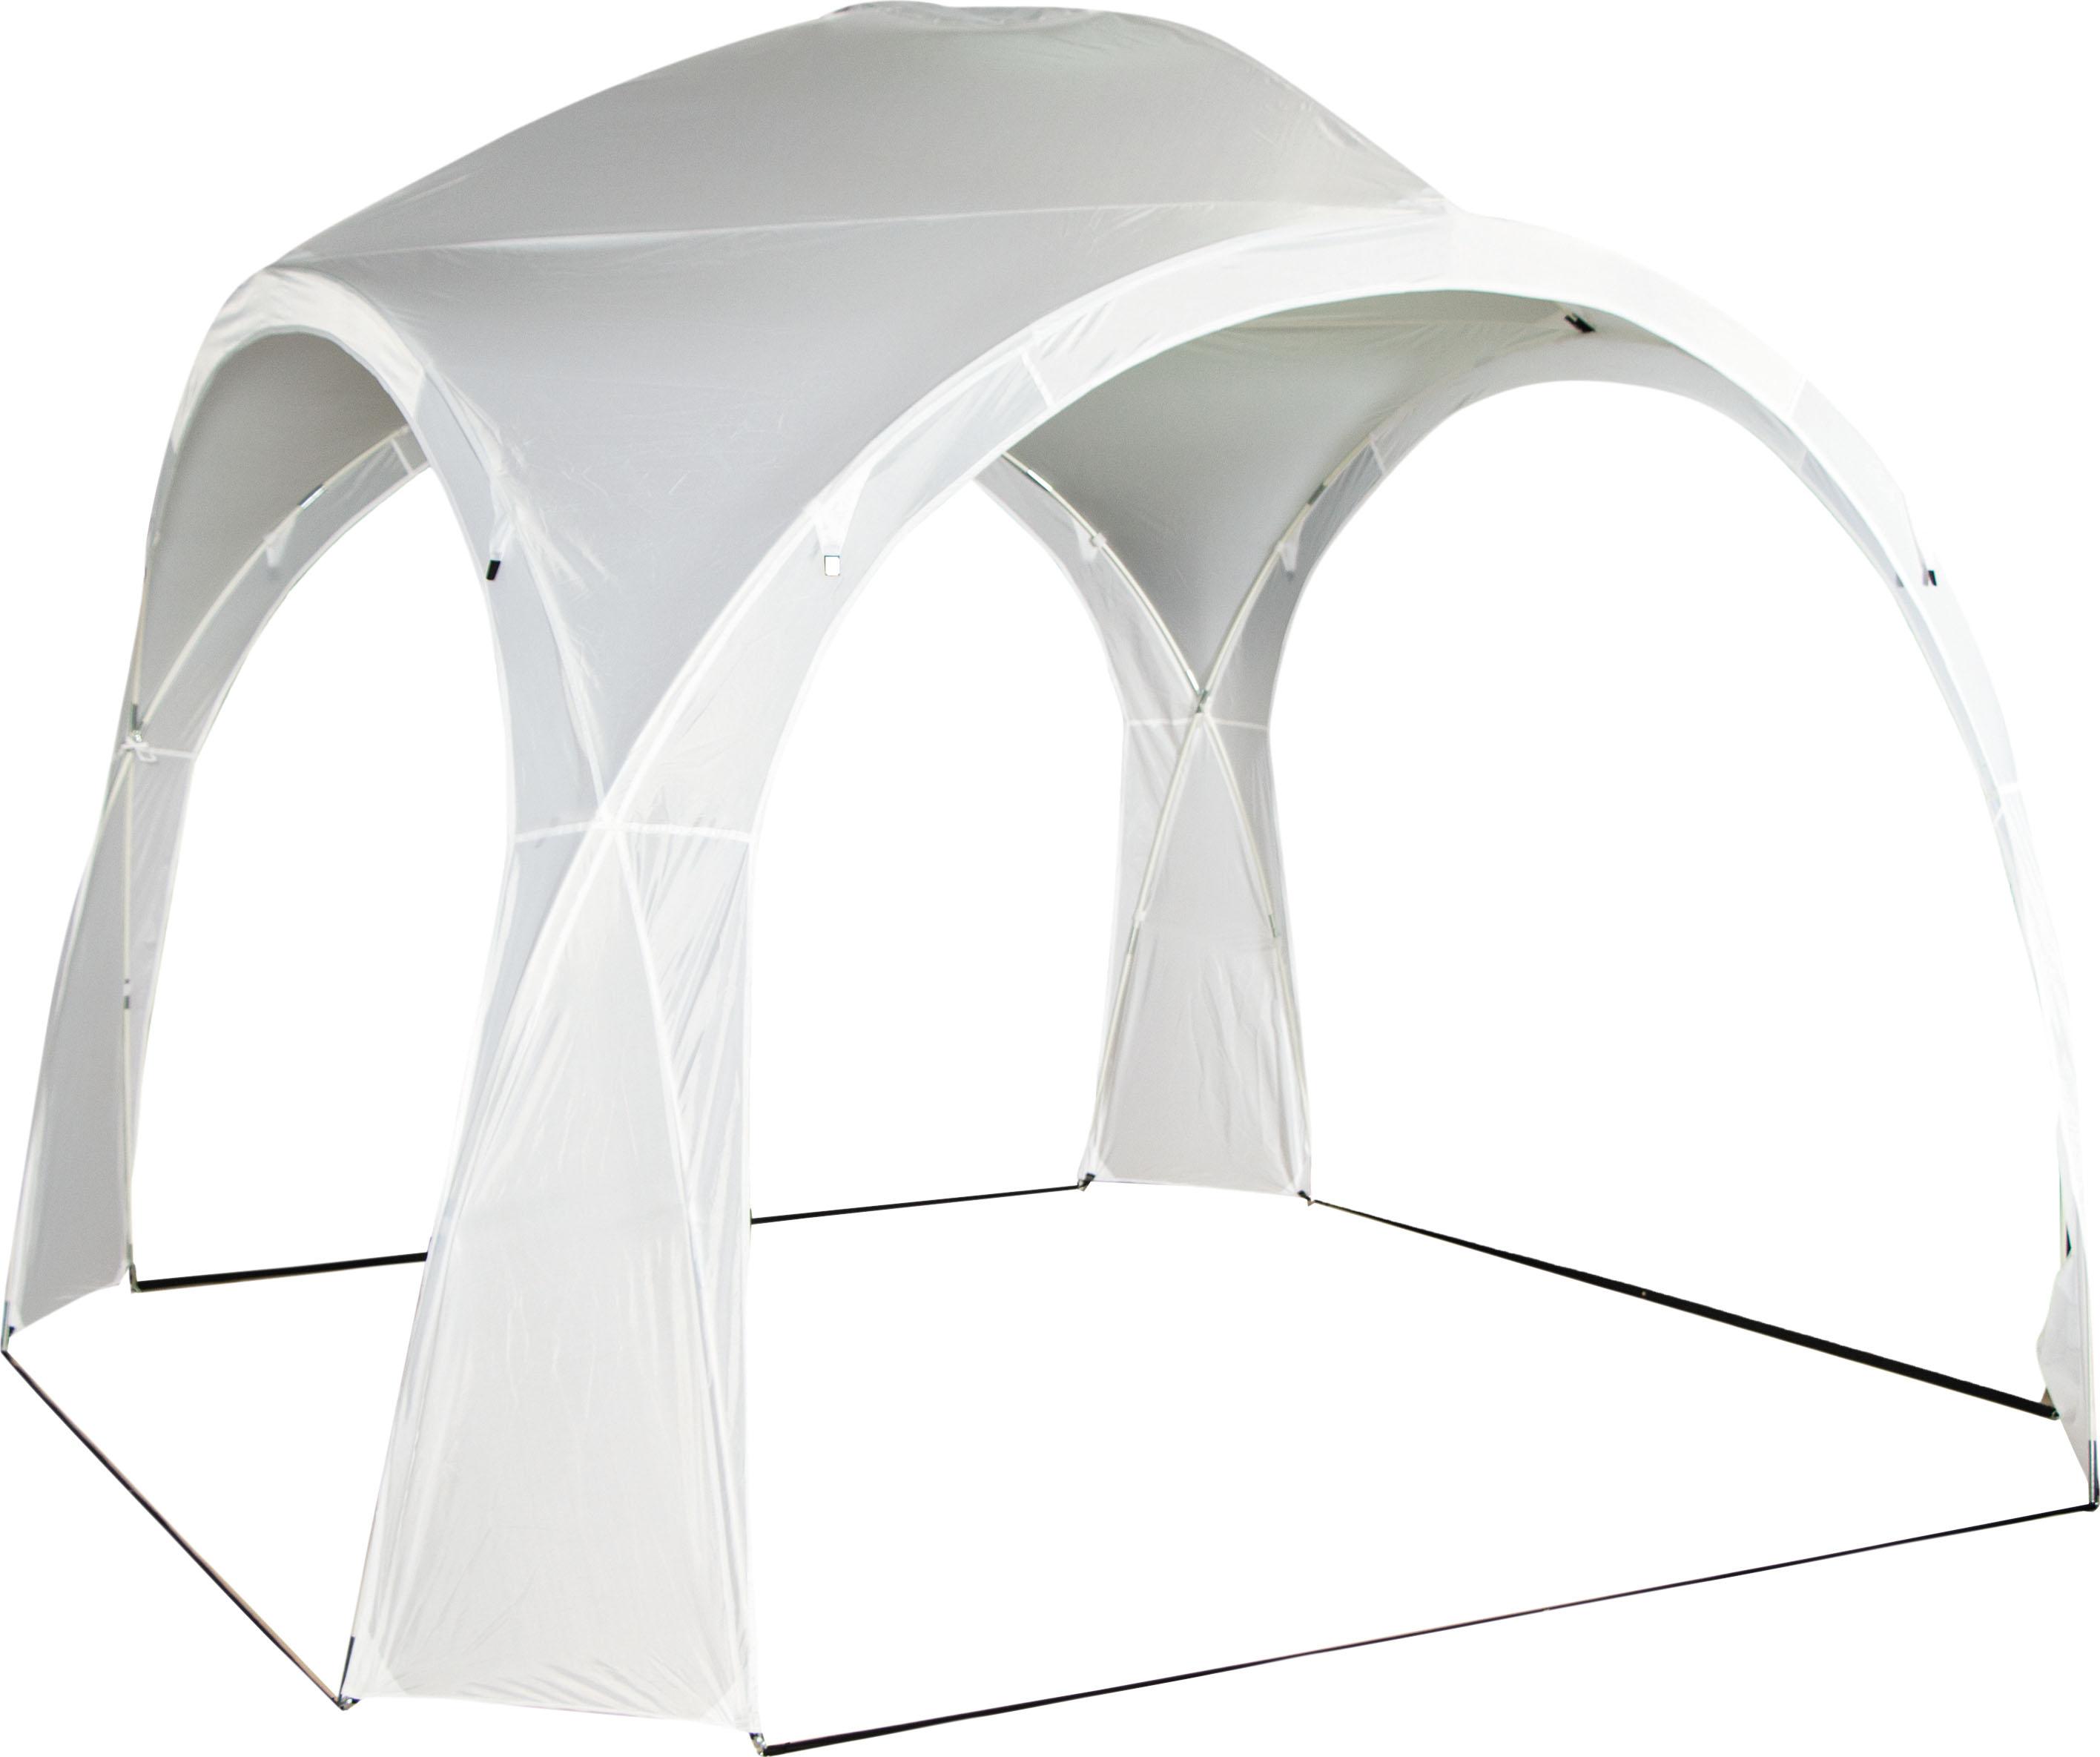 Ausgezeichnet 20x20 Rahmen Zelt Zum Verkauf Zeitgenössisch ...